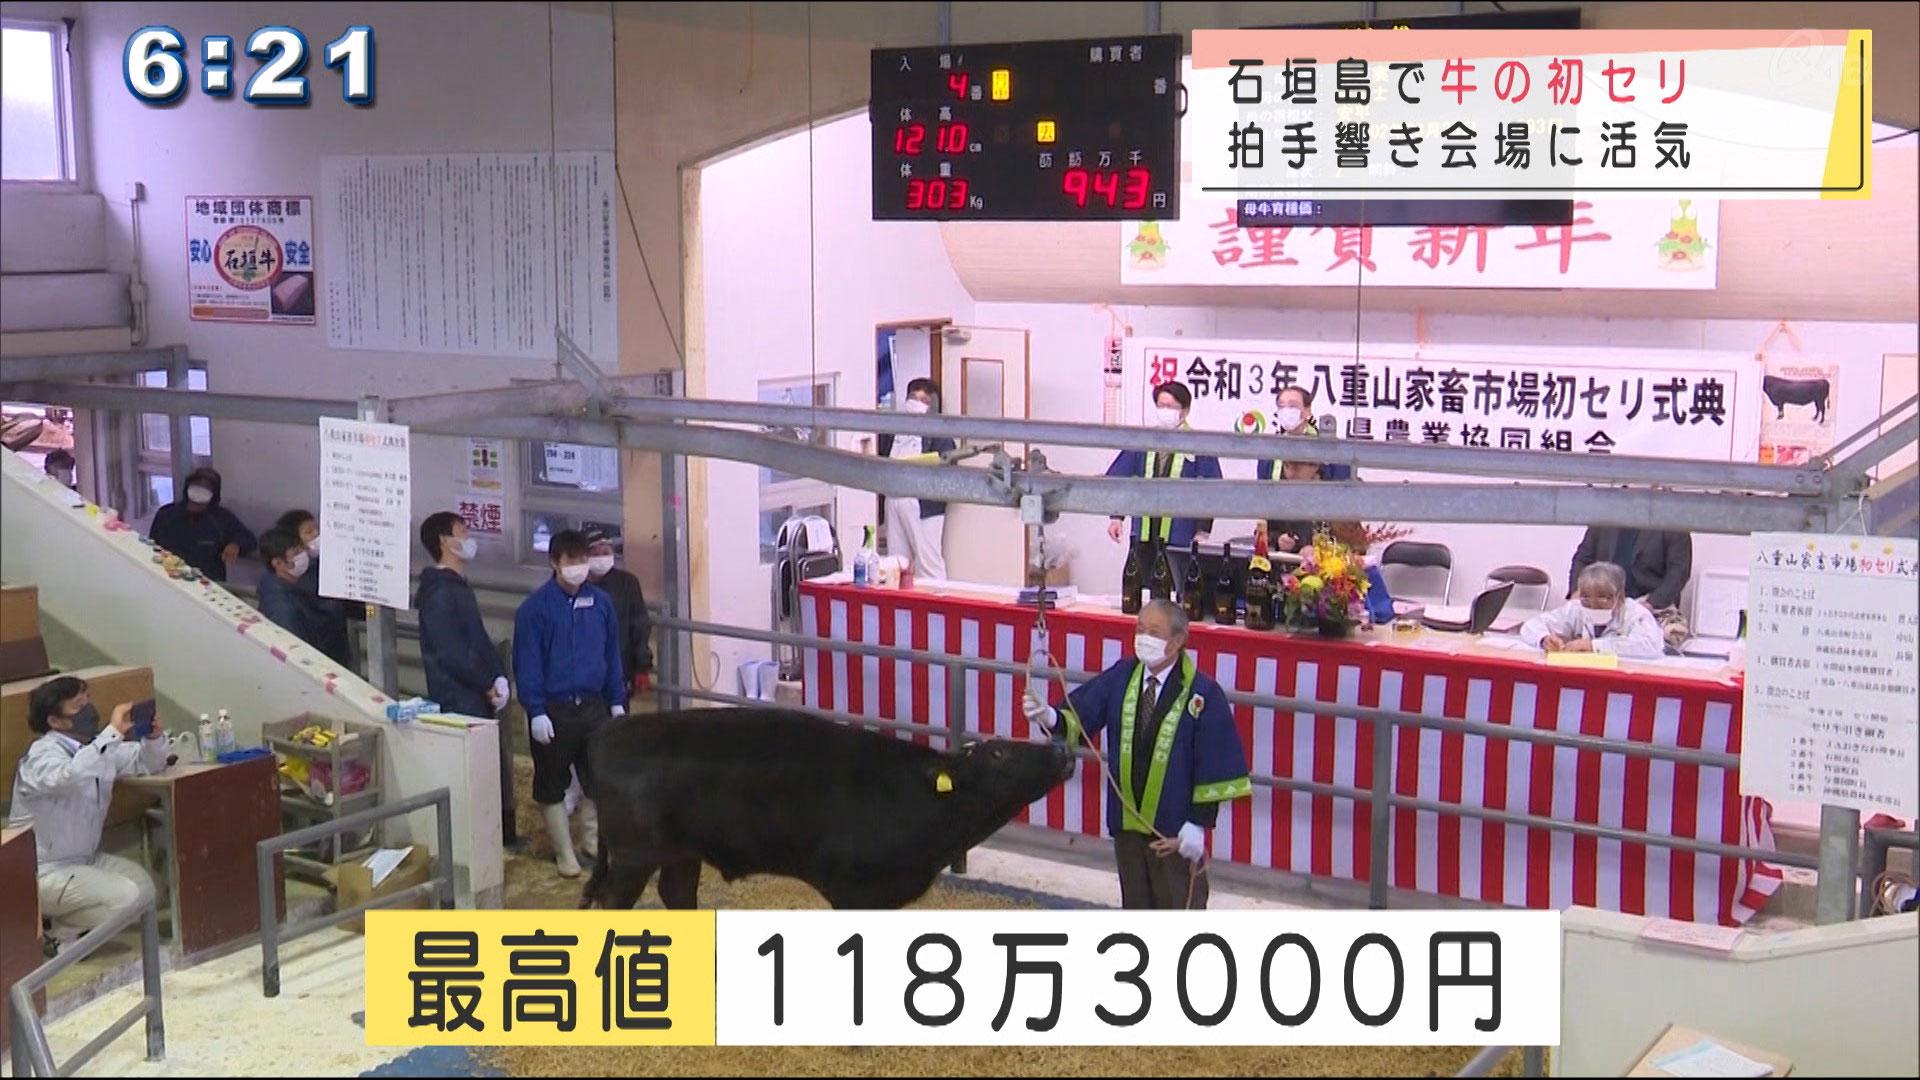 最高値は118万円 石垣島で牛の初セリ